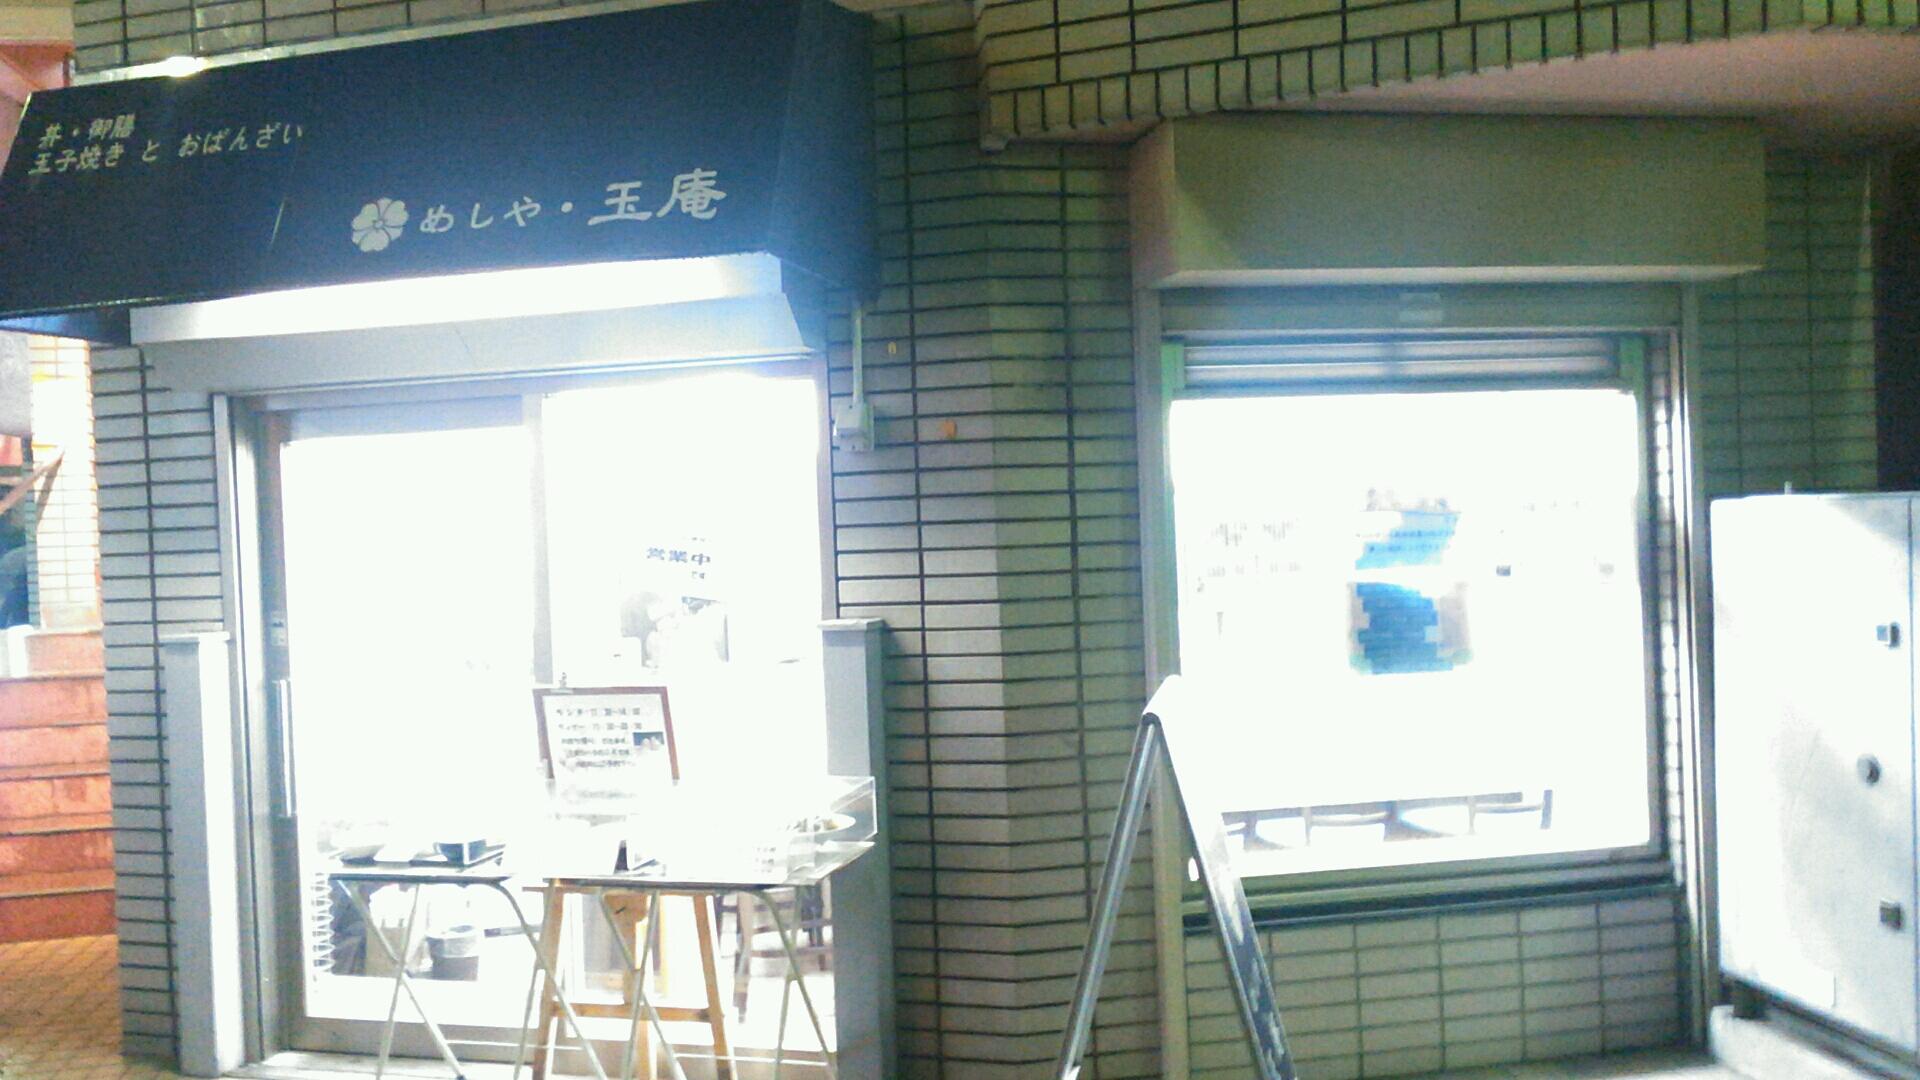 【大船 めしや玉庵】親子丼が名物の食堂が大船にあります